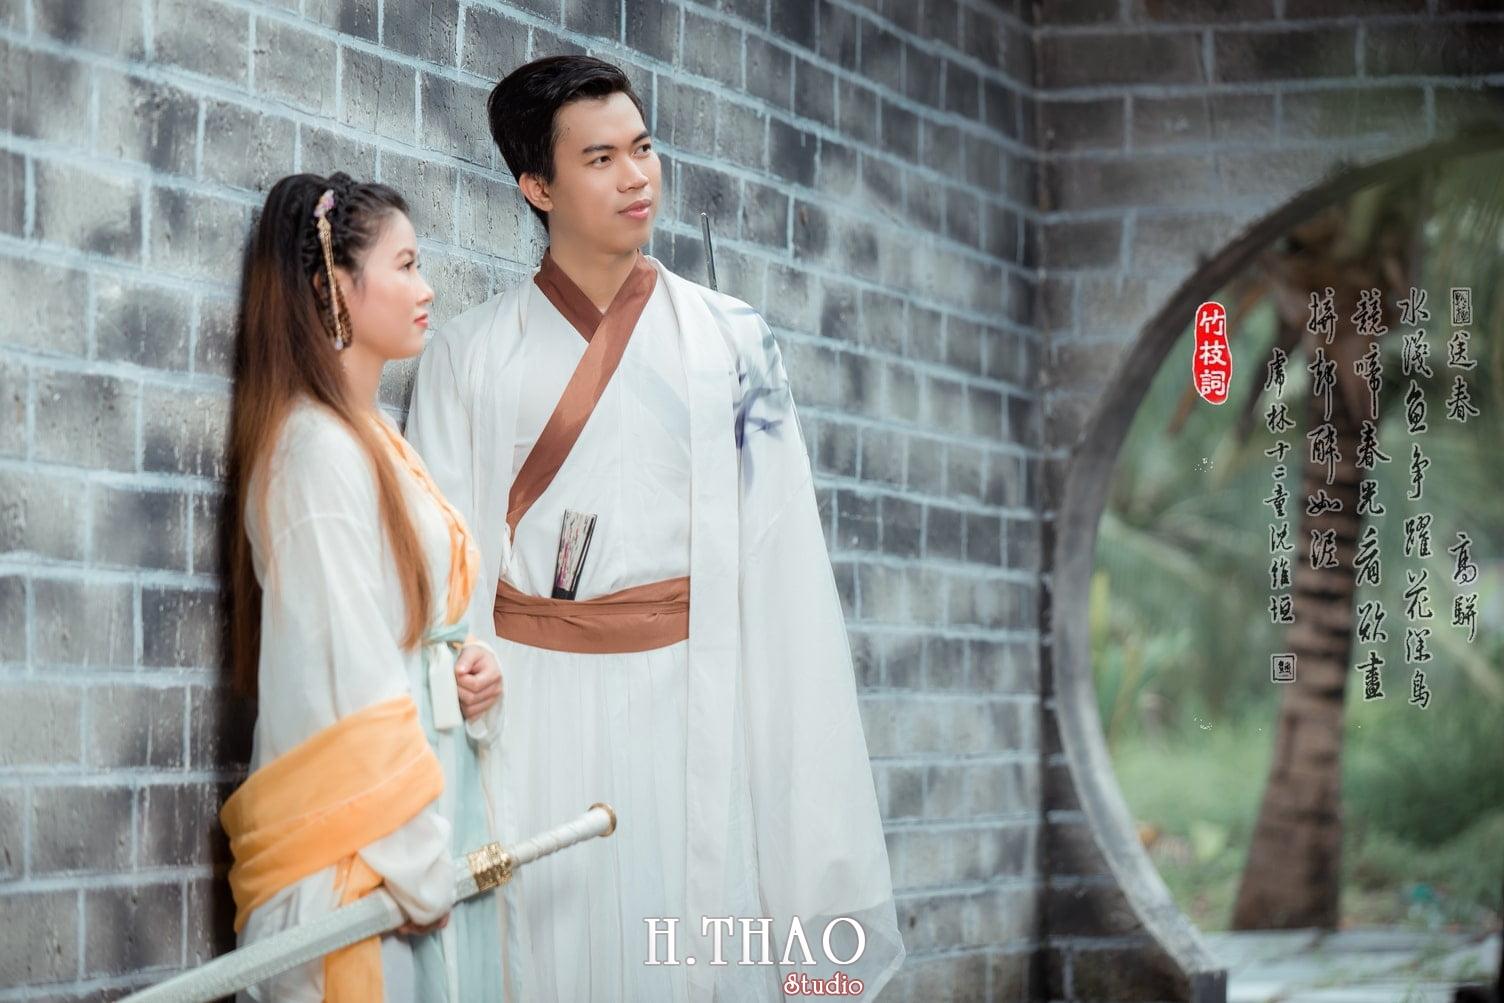 Couple co trang 5 - Album ảnh chụp cổ trang couple đôi bạn đẹp độc lạ - HThao Studio